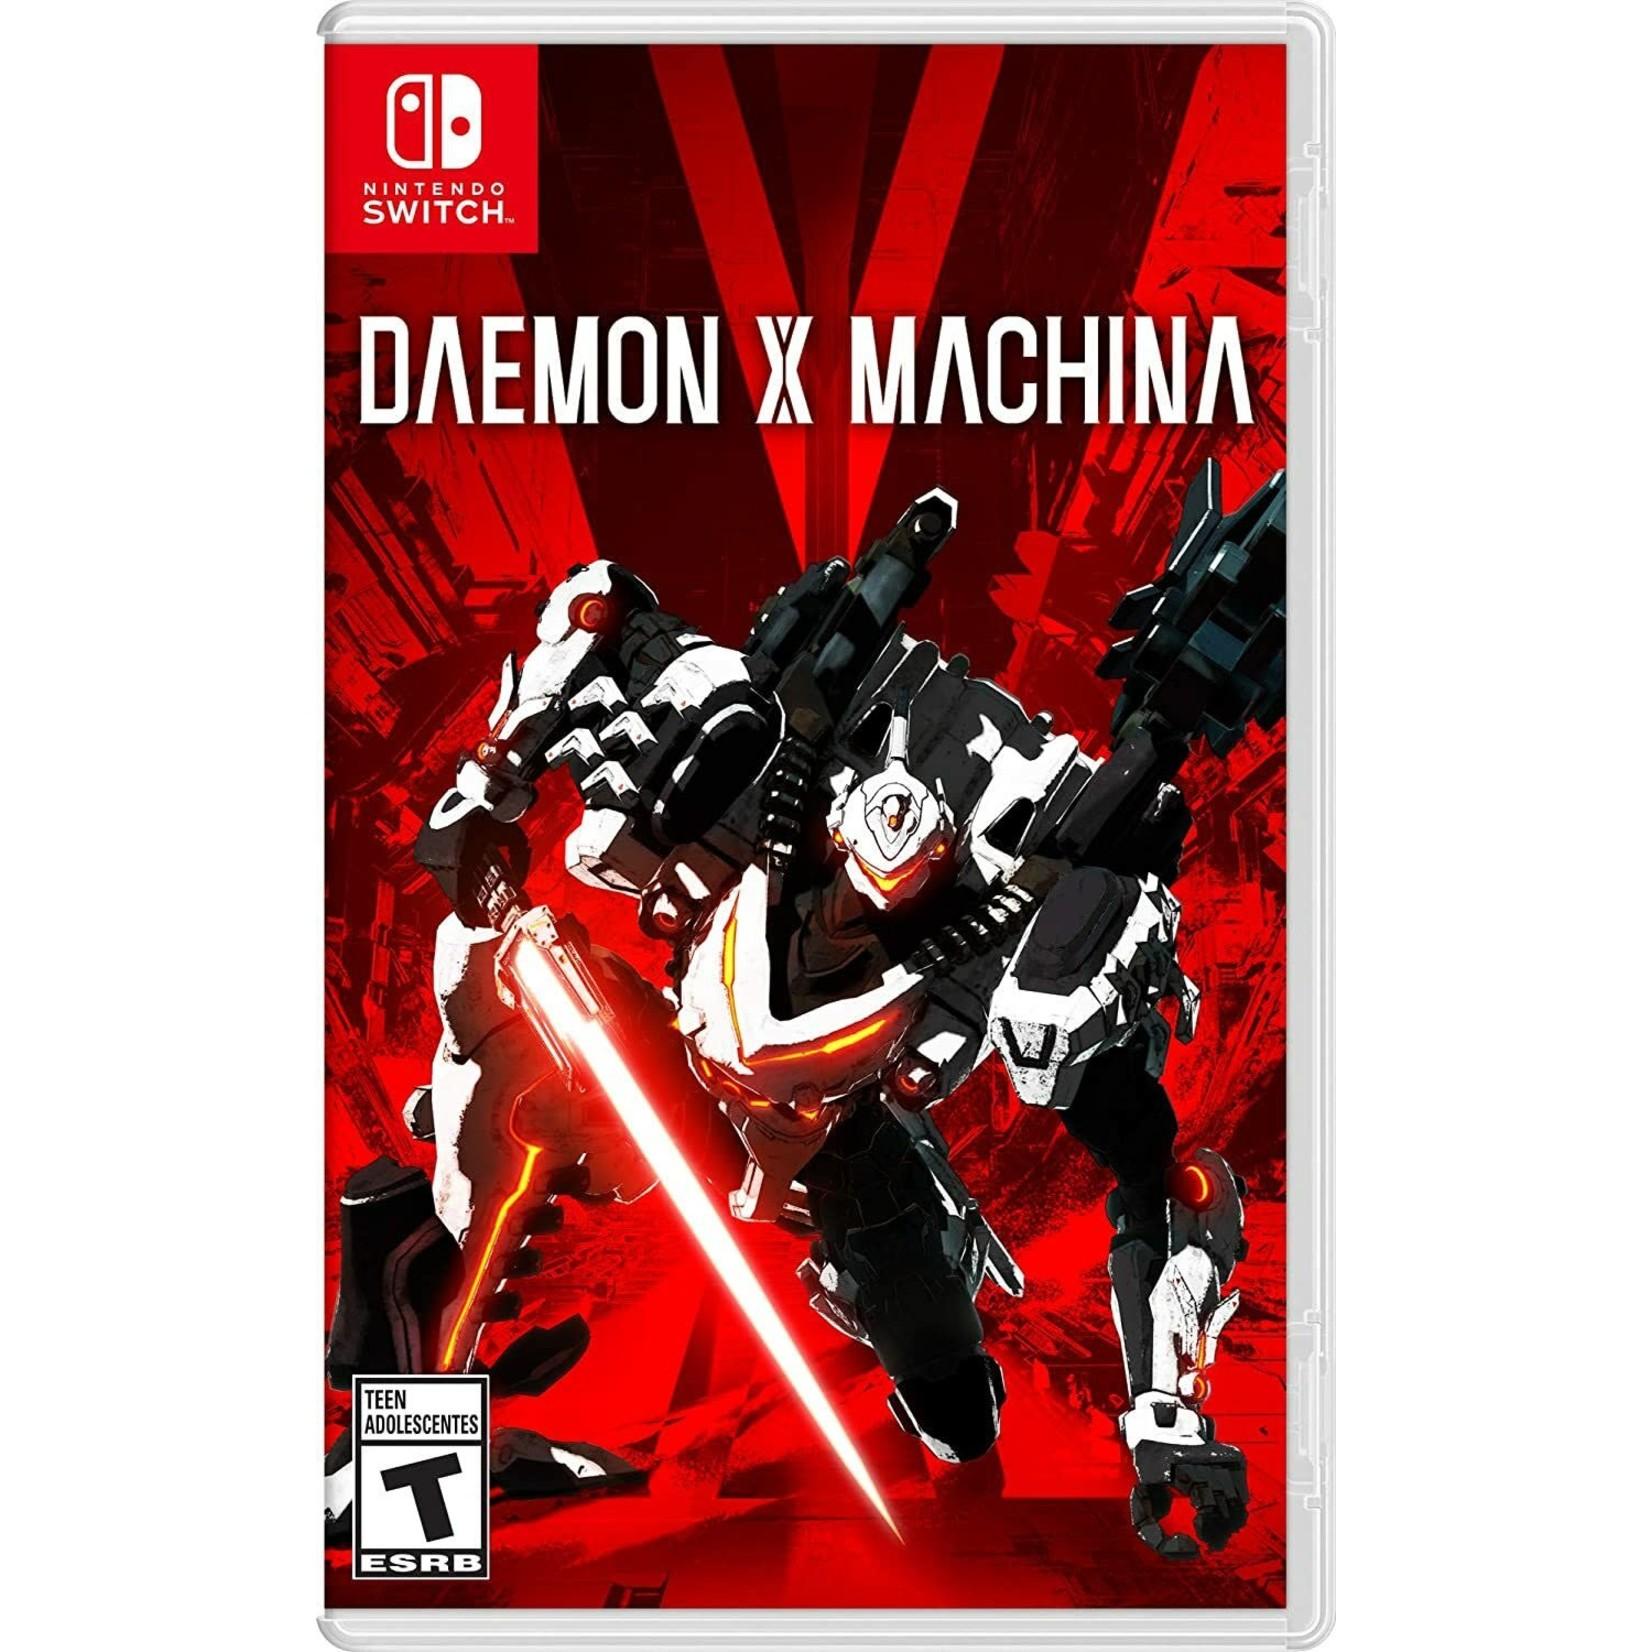 SWITCHU-Daemon X Machina